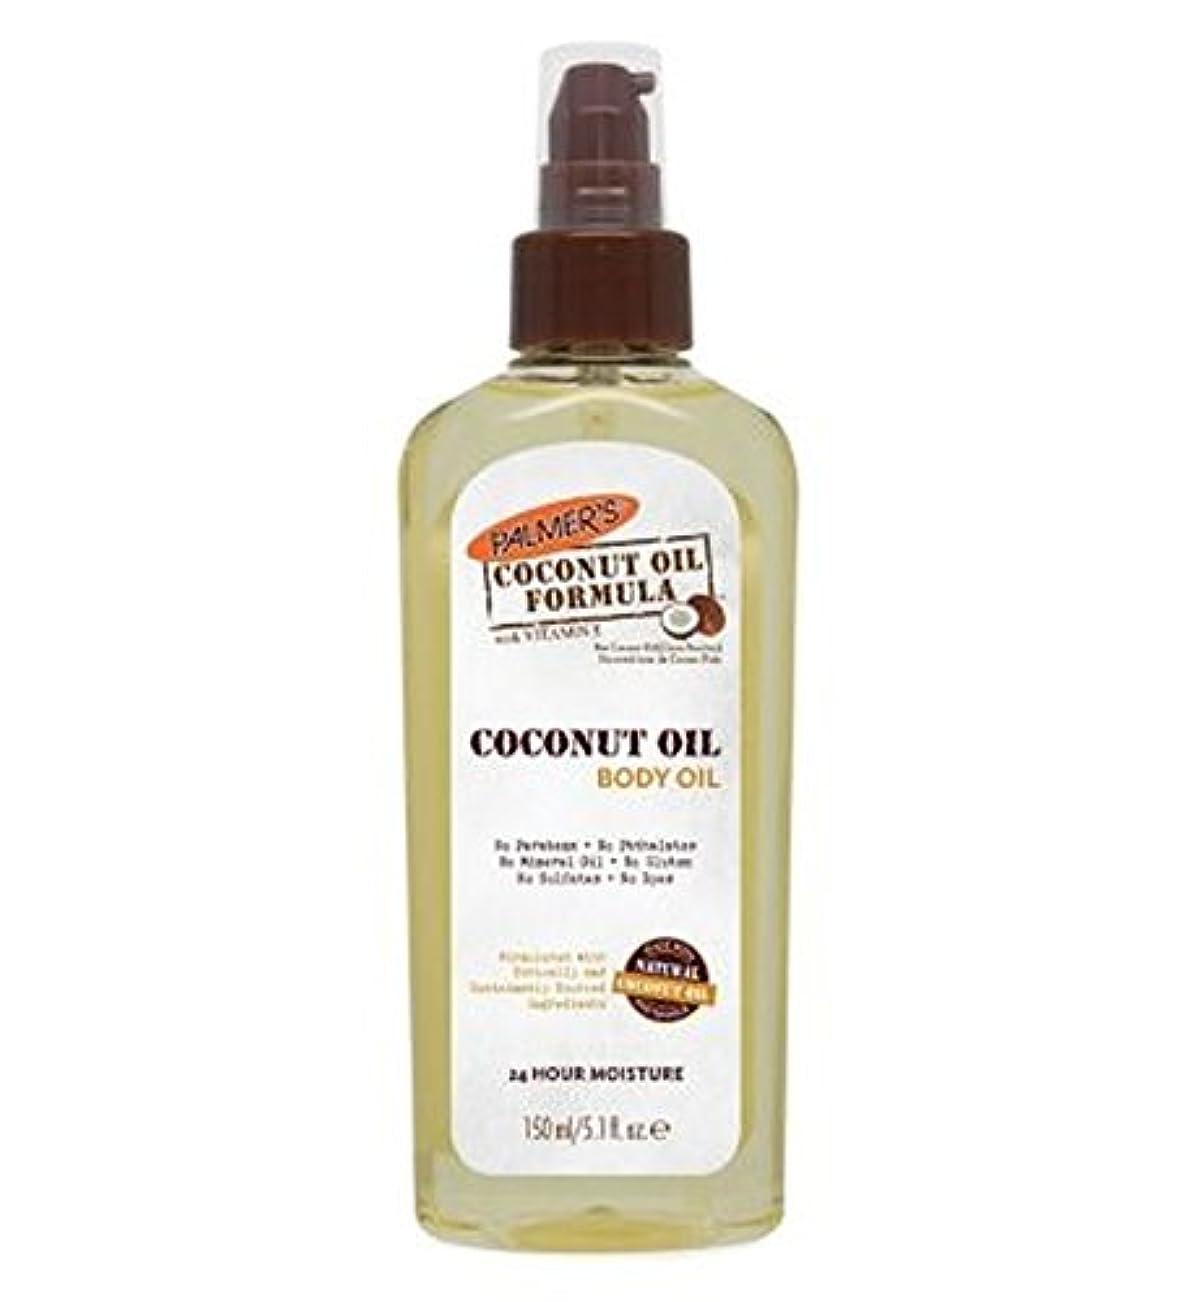 巨人免疫する顧問Palmer's Coconut Oil Formula Body Oil 150ml - パーマーのココナッツオイル式ボディオイル150ミリリットル (Palmer's) [並行輸入品]